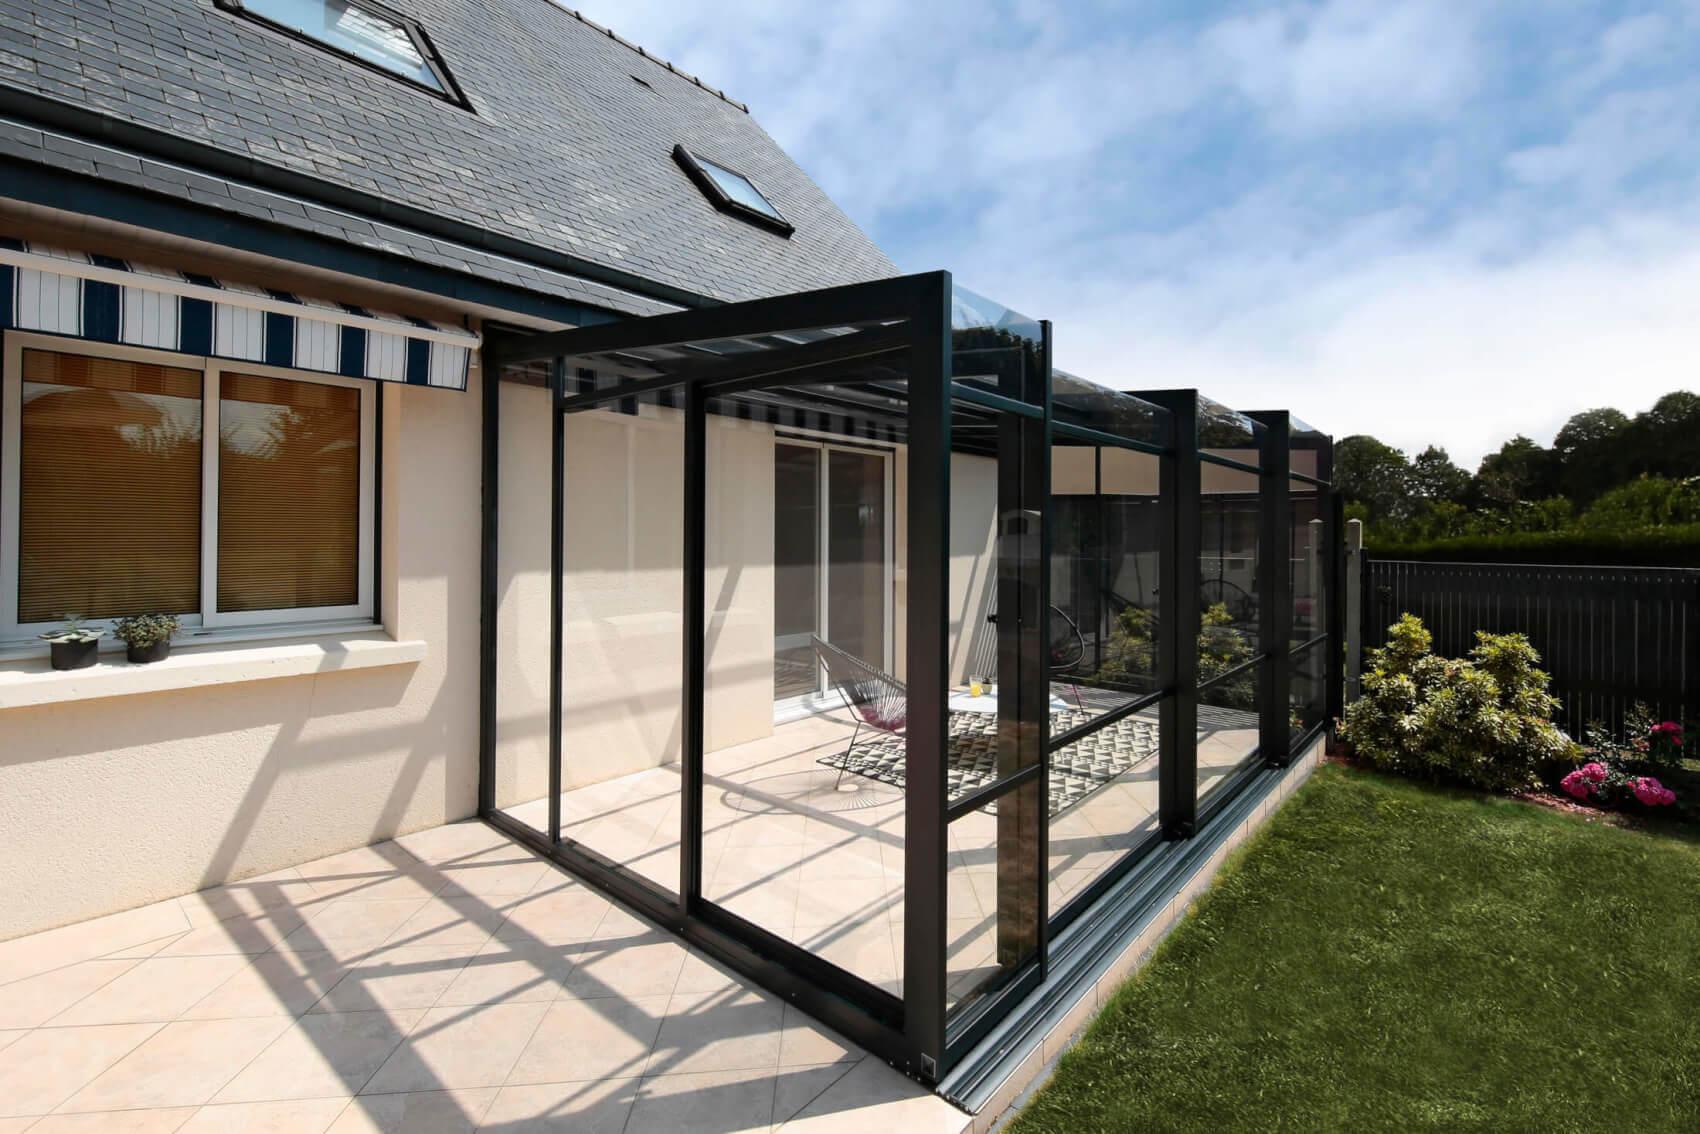 Abri Terrasse Aluminium - Modèles Coulissants ... concernant Abri Terrasse Coulissant